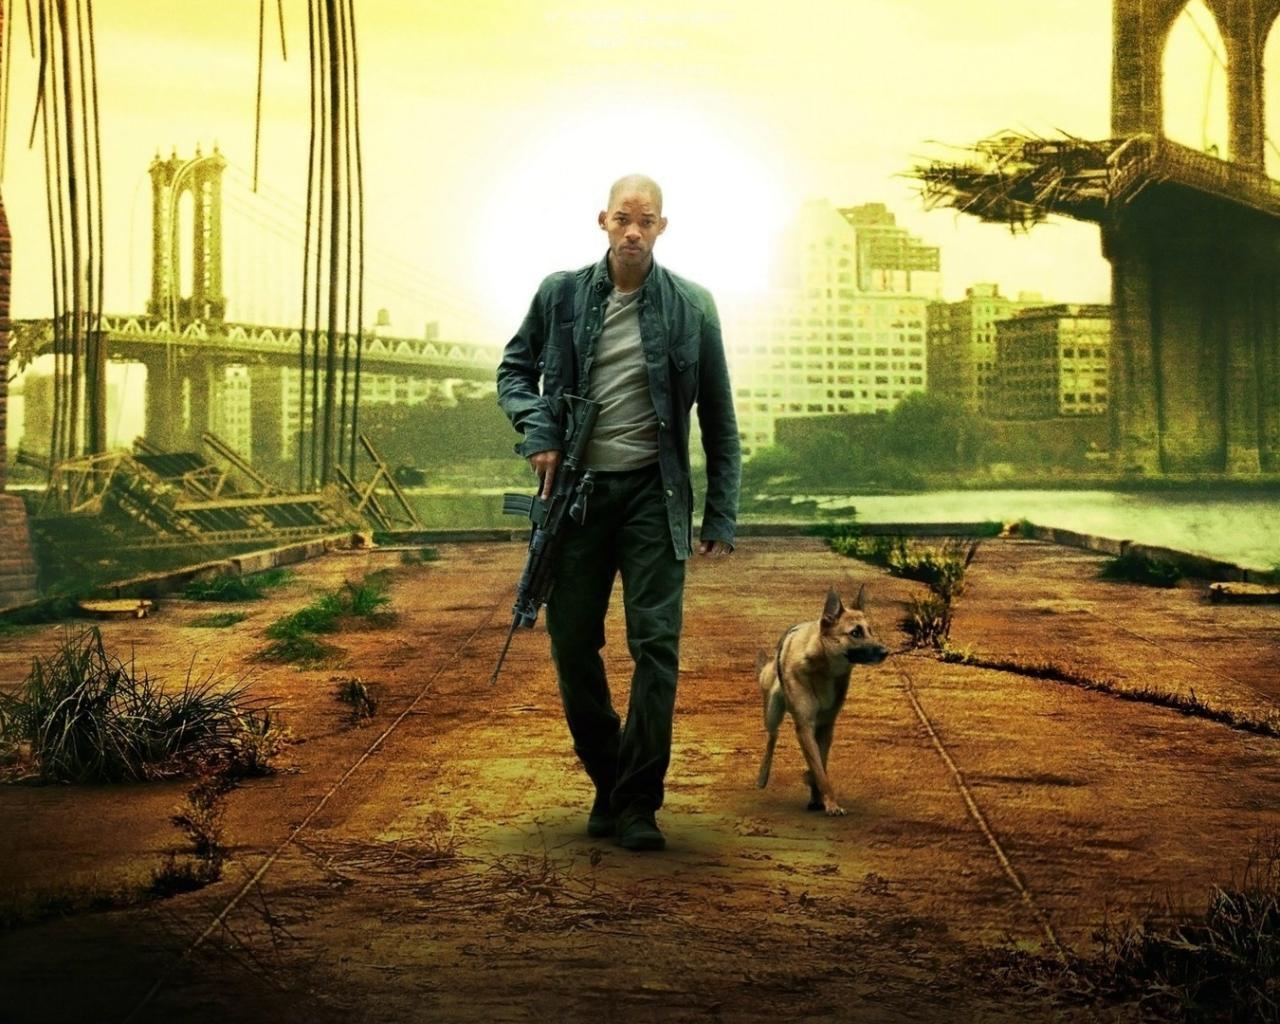 Я легенда, город, человек, собака обои для рабочего стола ...